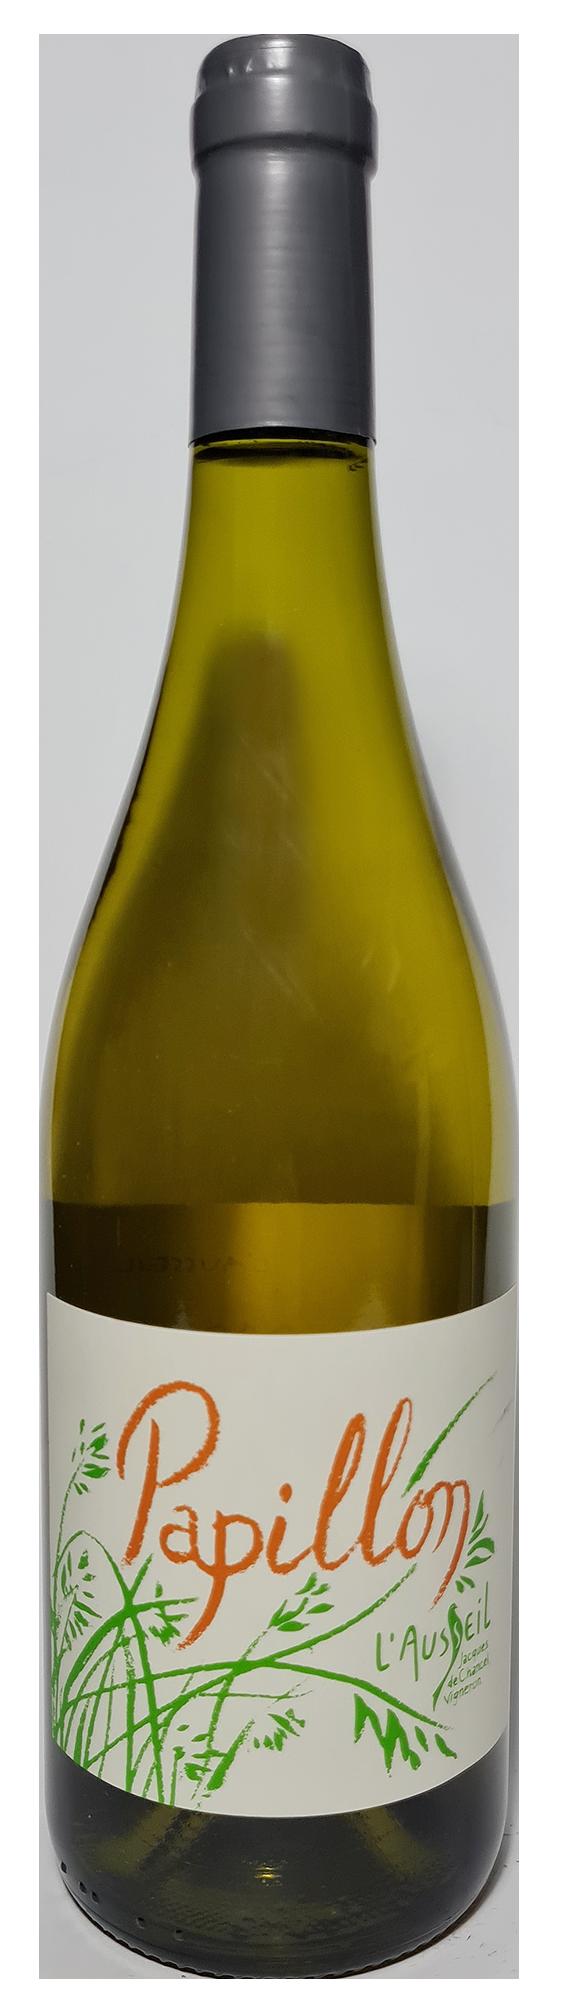 Bouteille de vin blanc naturel, Papillon 2017-2018 Domaine de l'Ausseil